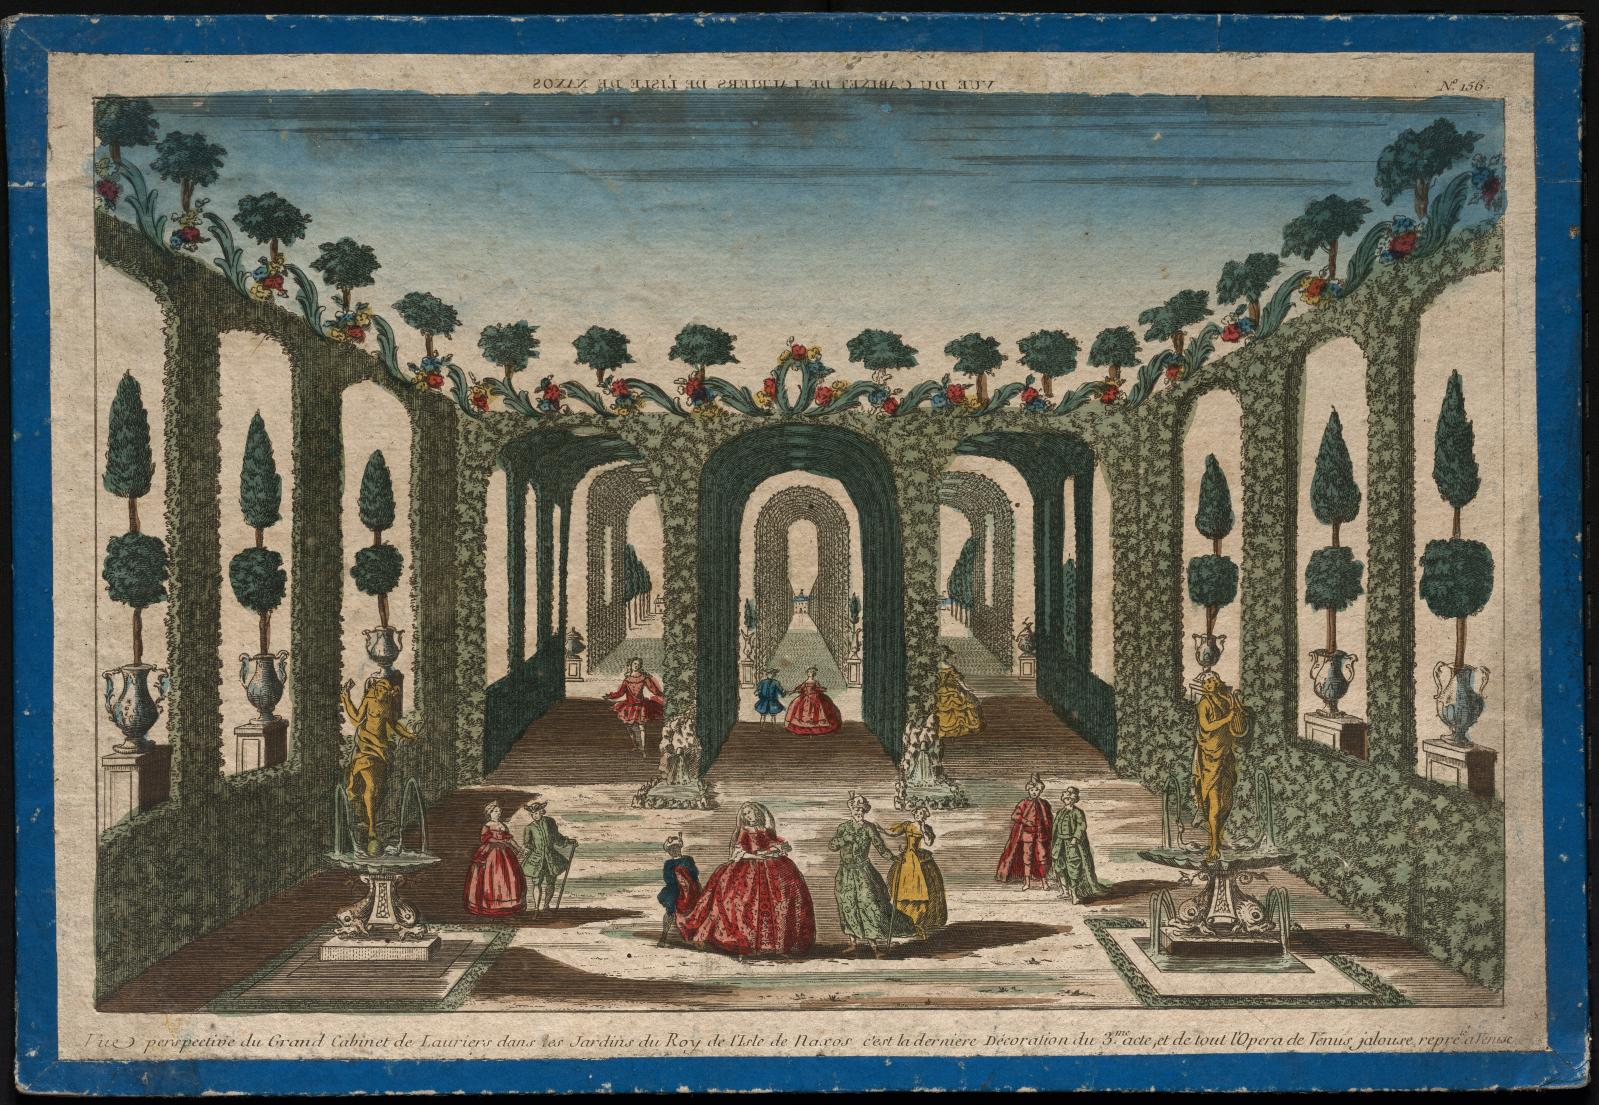 Anonyme, Vue perspective du Grand Cabinet de Lauriers dans les Jardins du Roy de l'Isle de Naxos, eau-forte coloriée, seconde moitié du XV